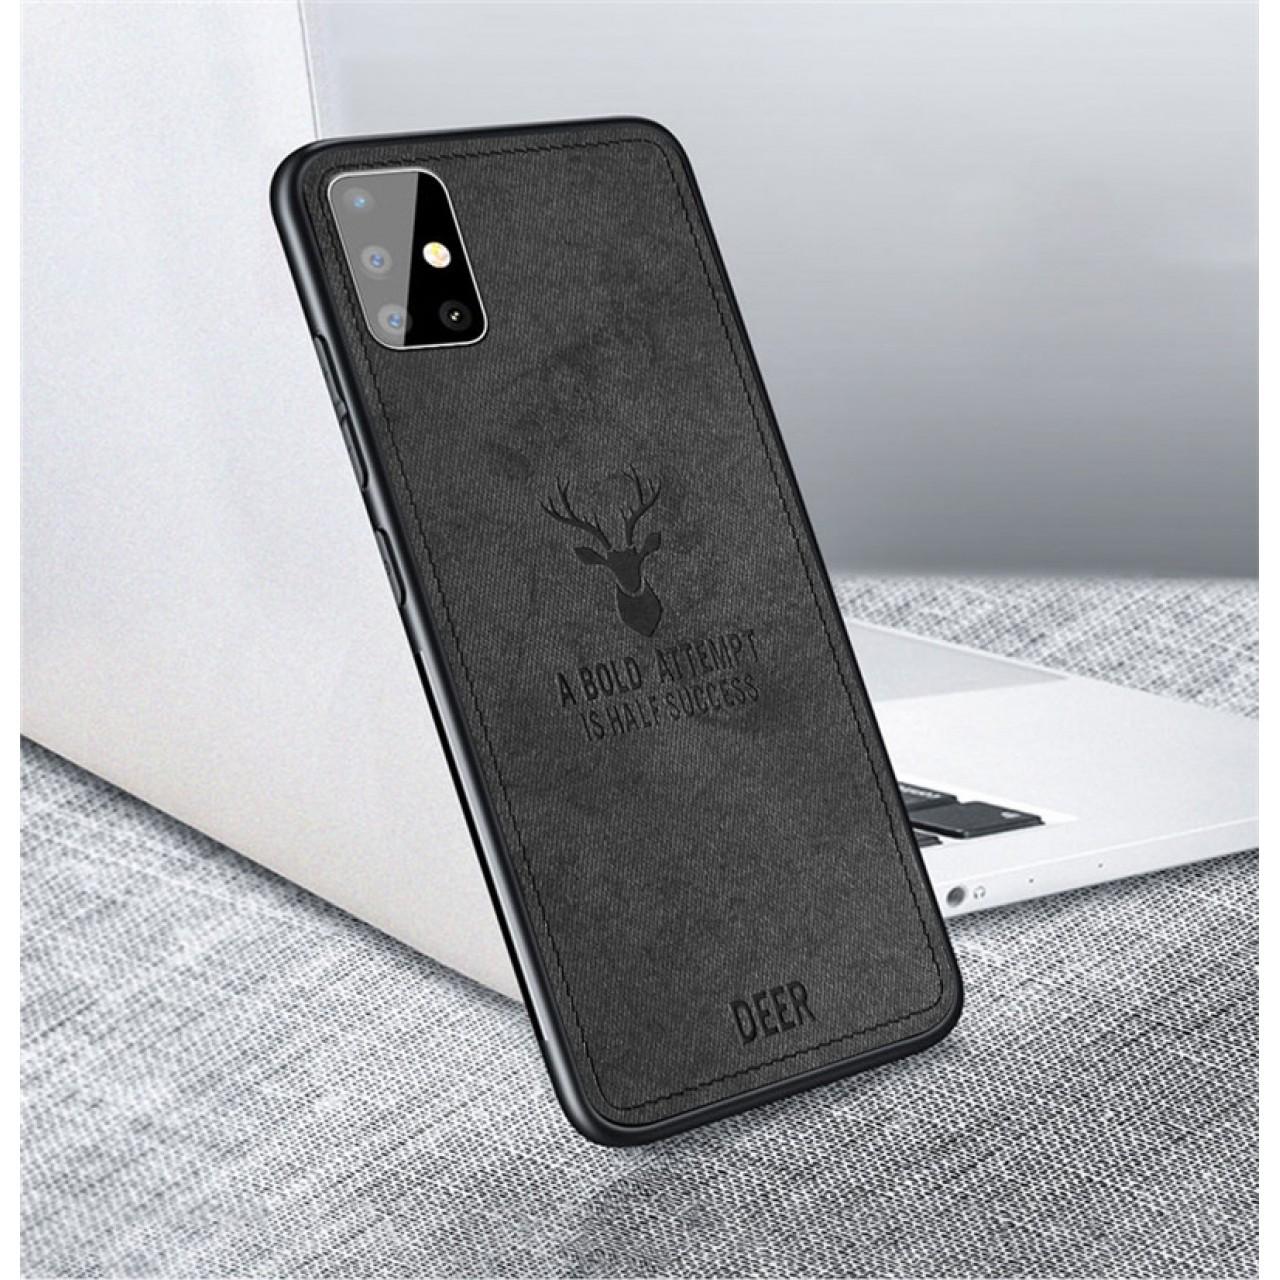 ΘΗΚΗ DEER CLOTH BACK CASE FOR REDMI 10X 4G - BLACK